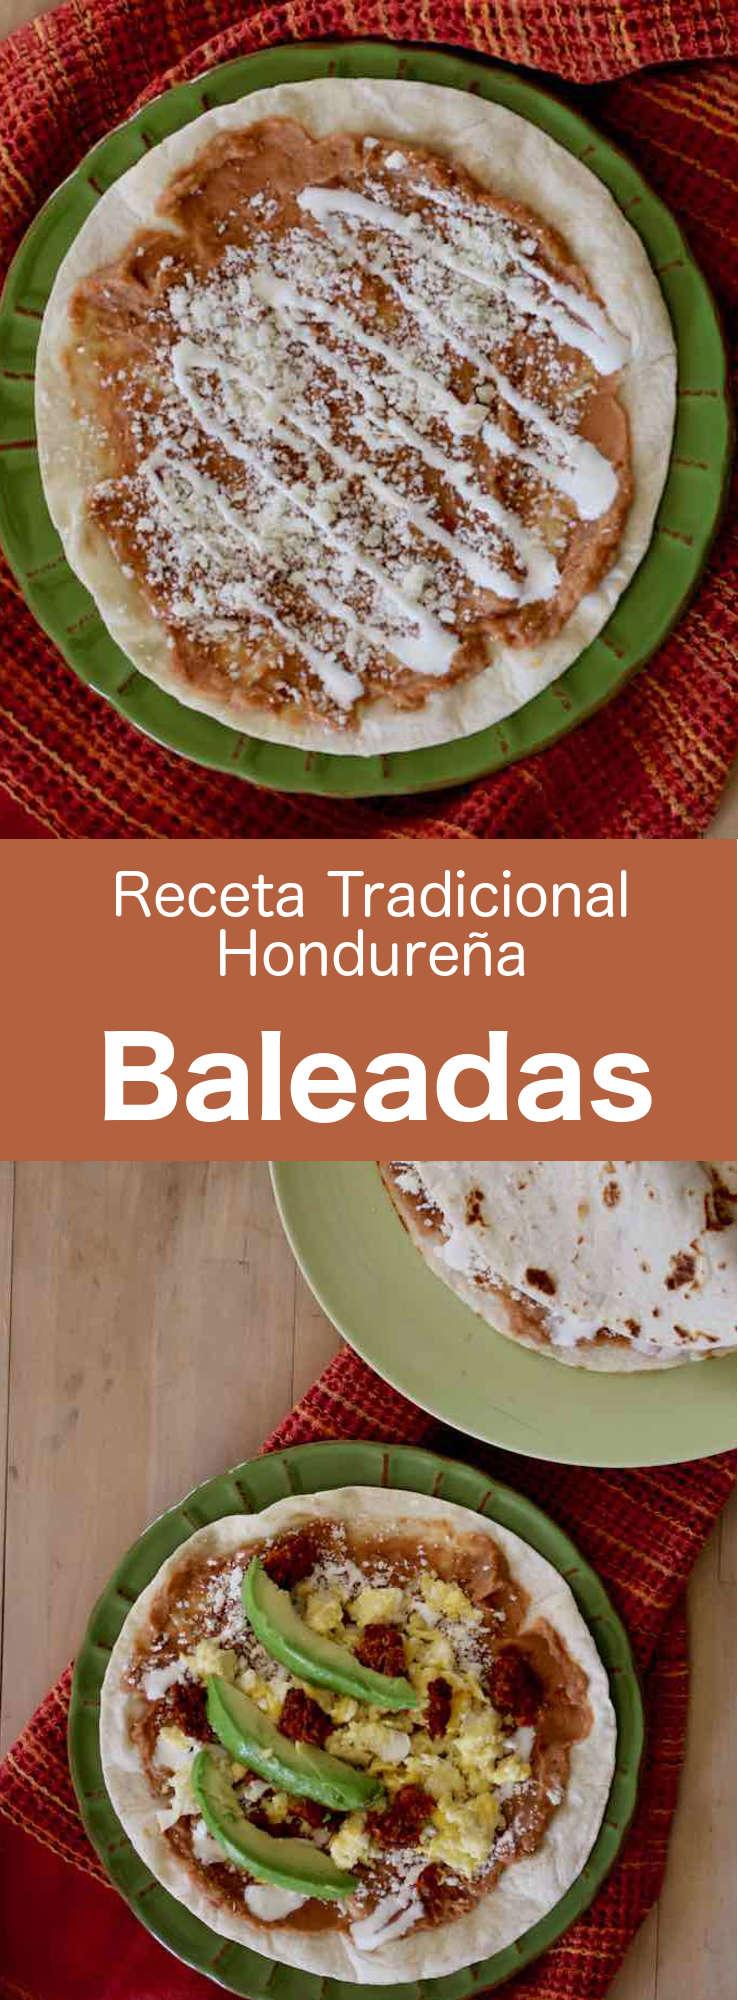 Las baleadas son unas tortillas de harina de Honduras, que se doblan por la mitad y se rellenan con puré de frijoles rojos fritos y otros ingredientes. #Honduras